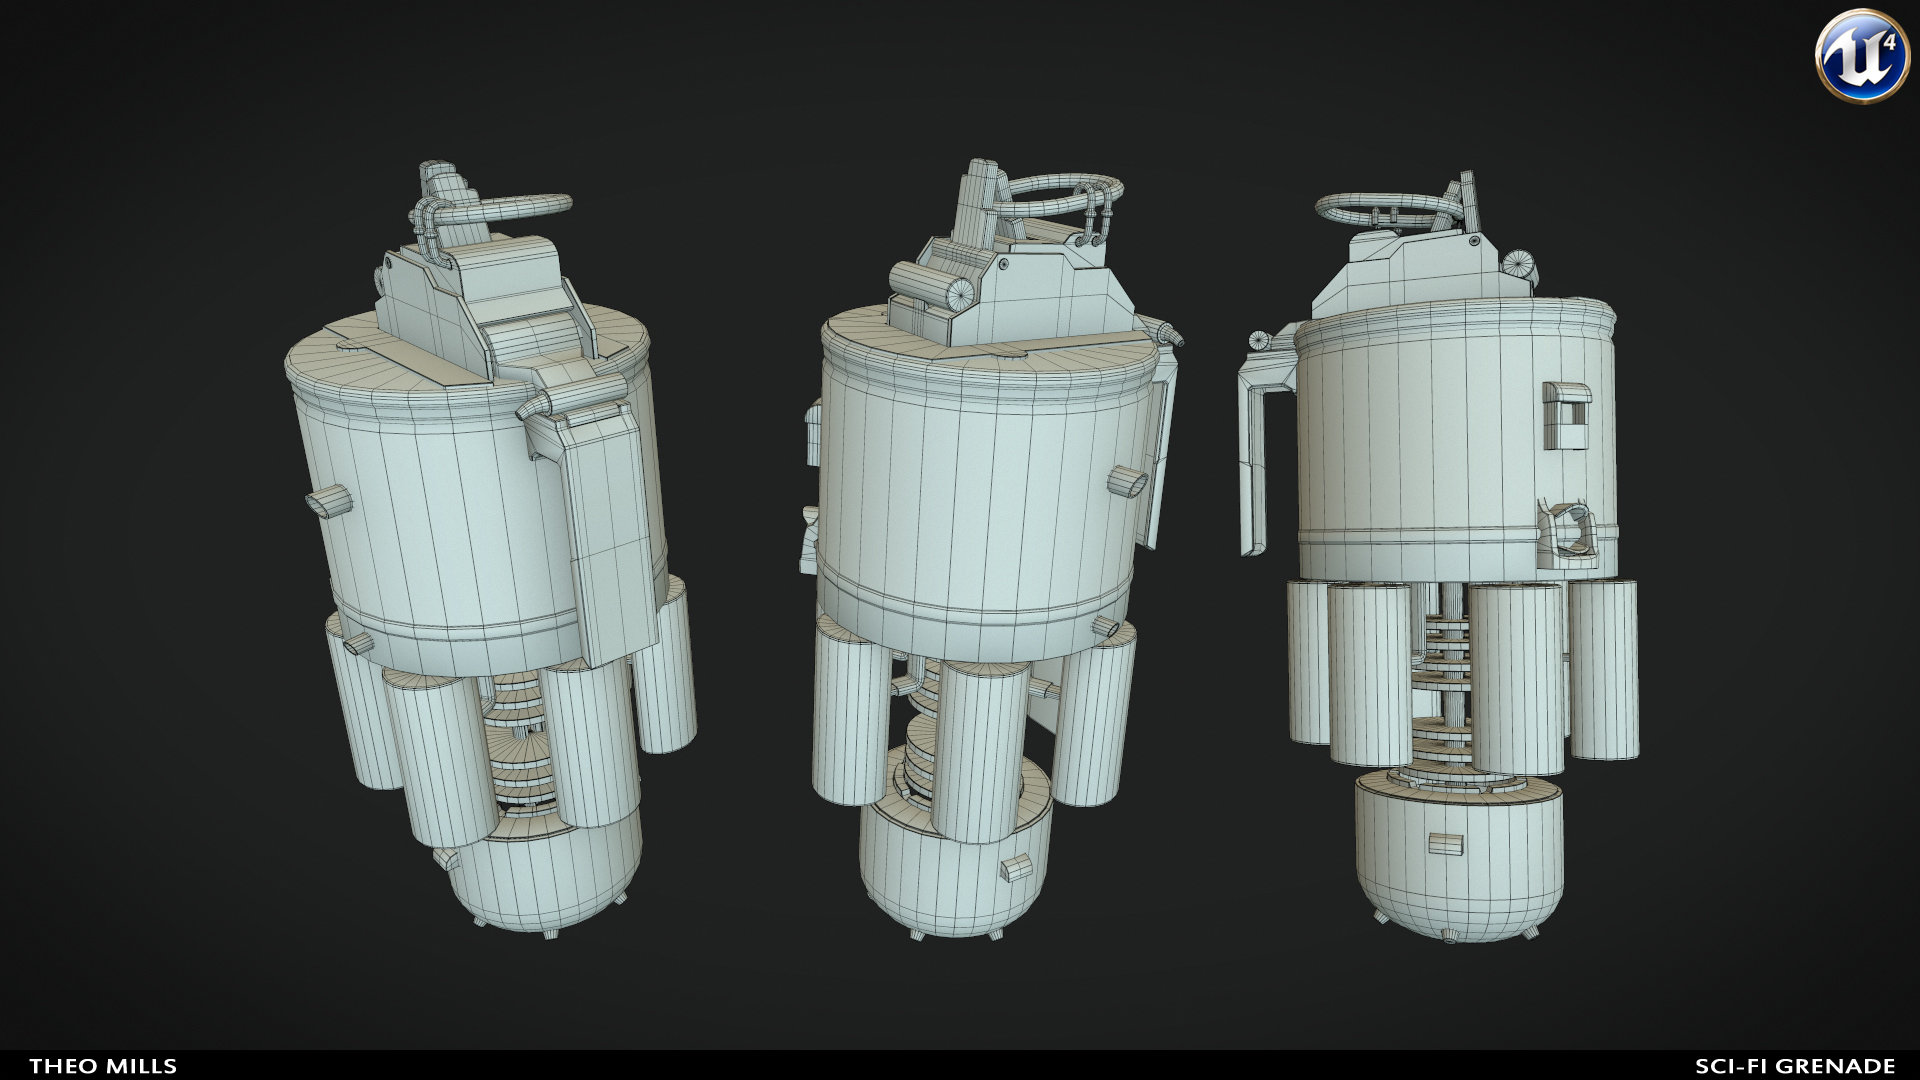 ArtStation - Sci-Fi Grenade, Theo Mills